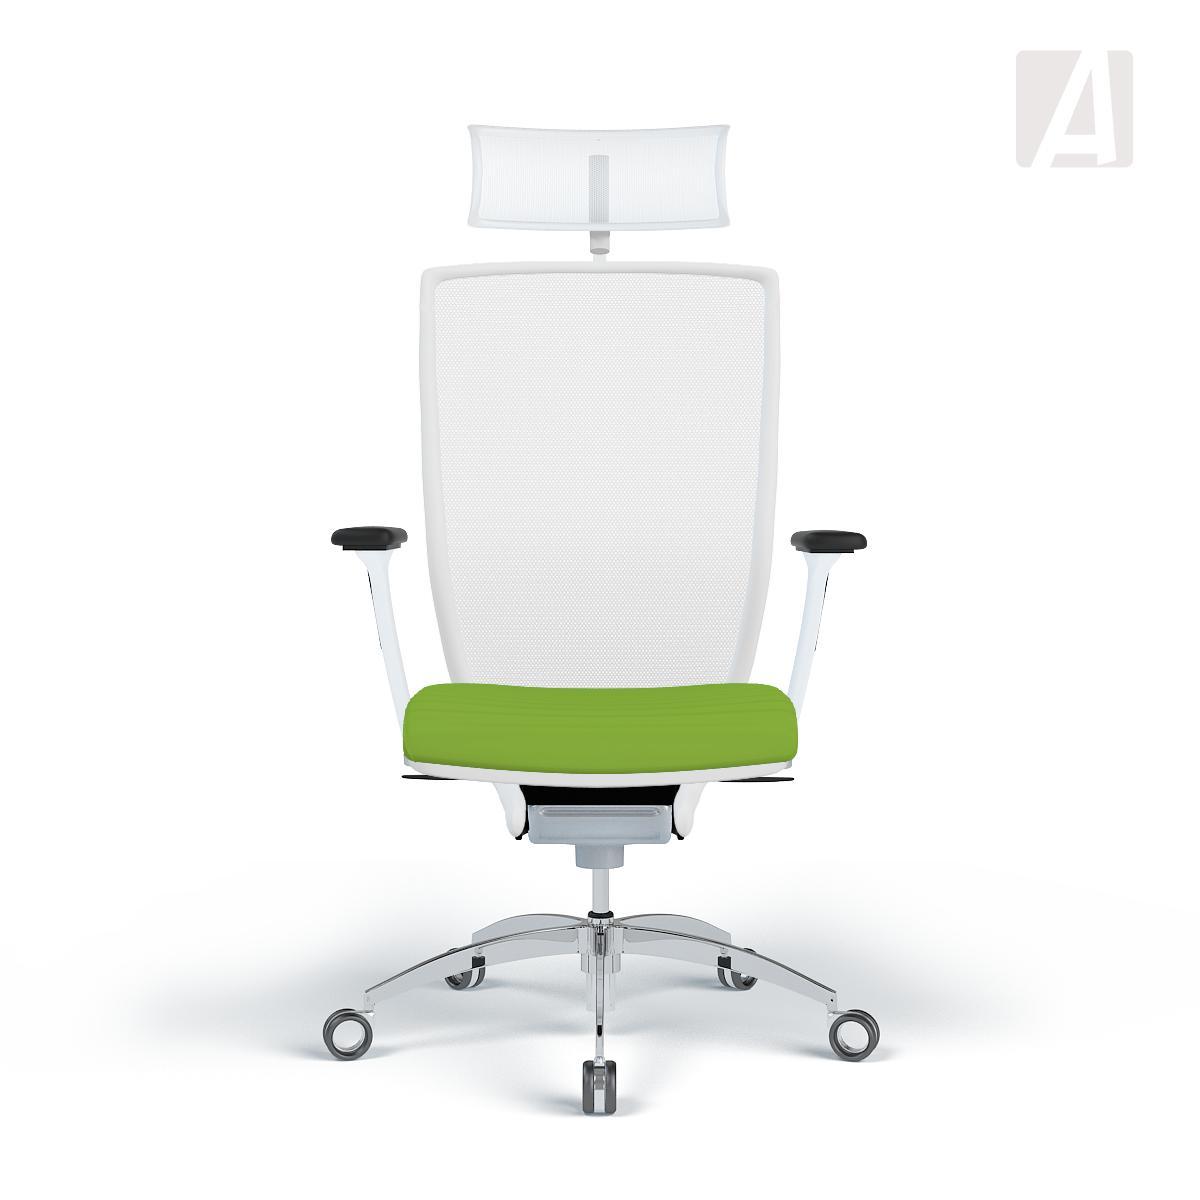 Bürostuhl ergonomisch ball  WAGNER Bürostuhl Titan 10 - Sitz Grün 3D - Gestell Weiß   Apendics.de